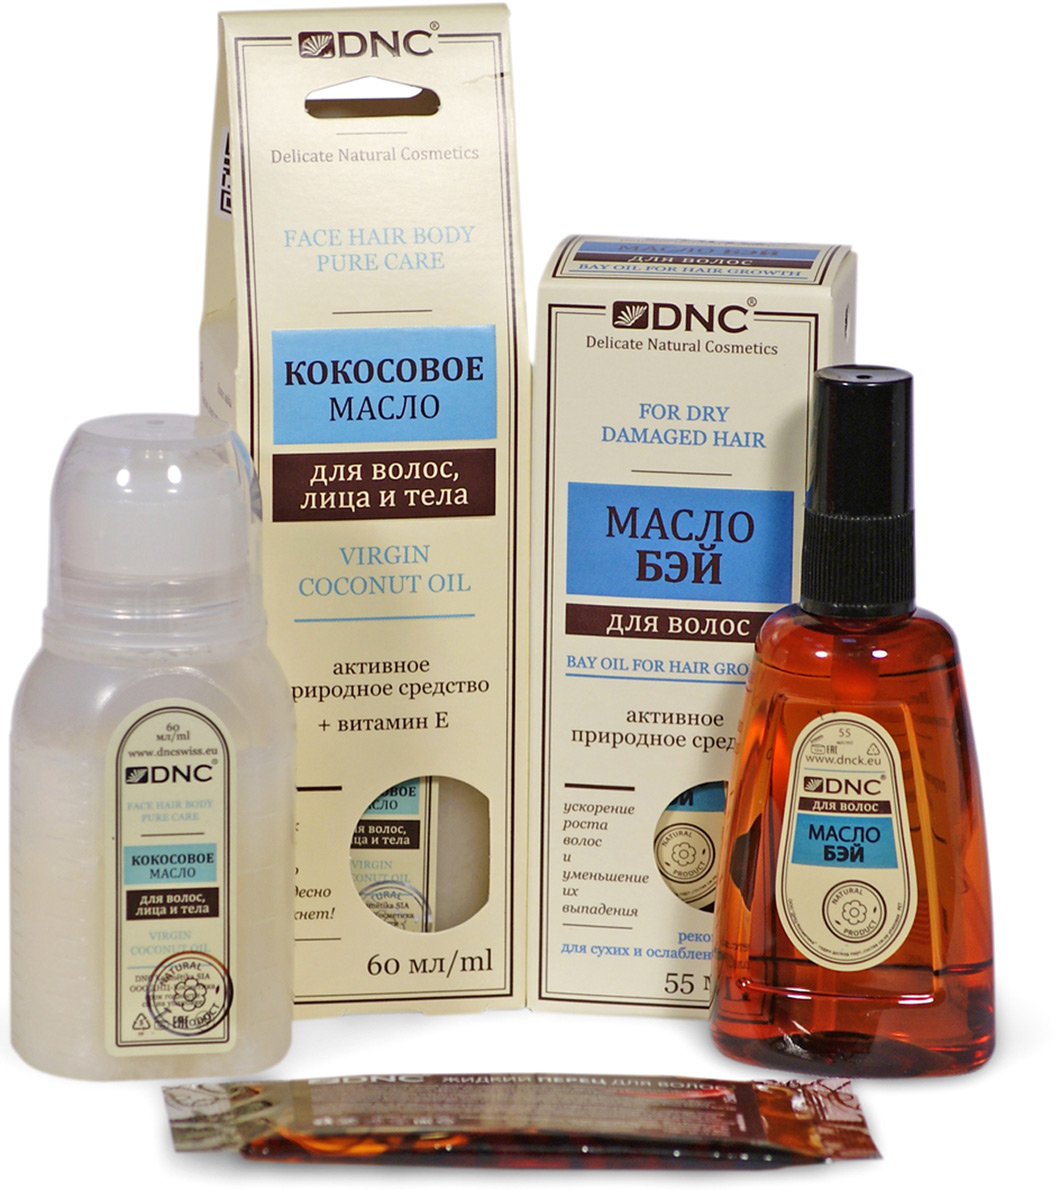 DNC Набор: Кокосовое масло, 60 мл, Масло Бэй, 55 мл + Подарок Жидкий перец для волос, 15 мл масло бэй для волос 55 мл dnc масло бэй для волос 55 мл